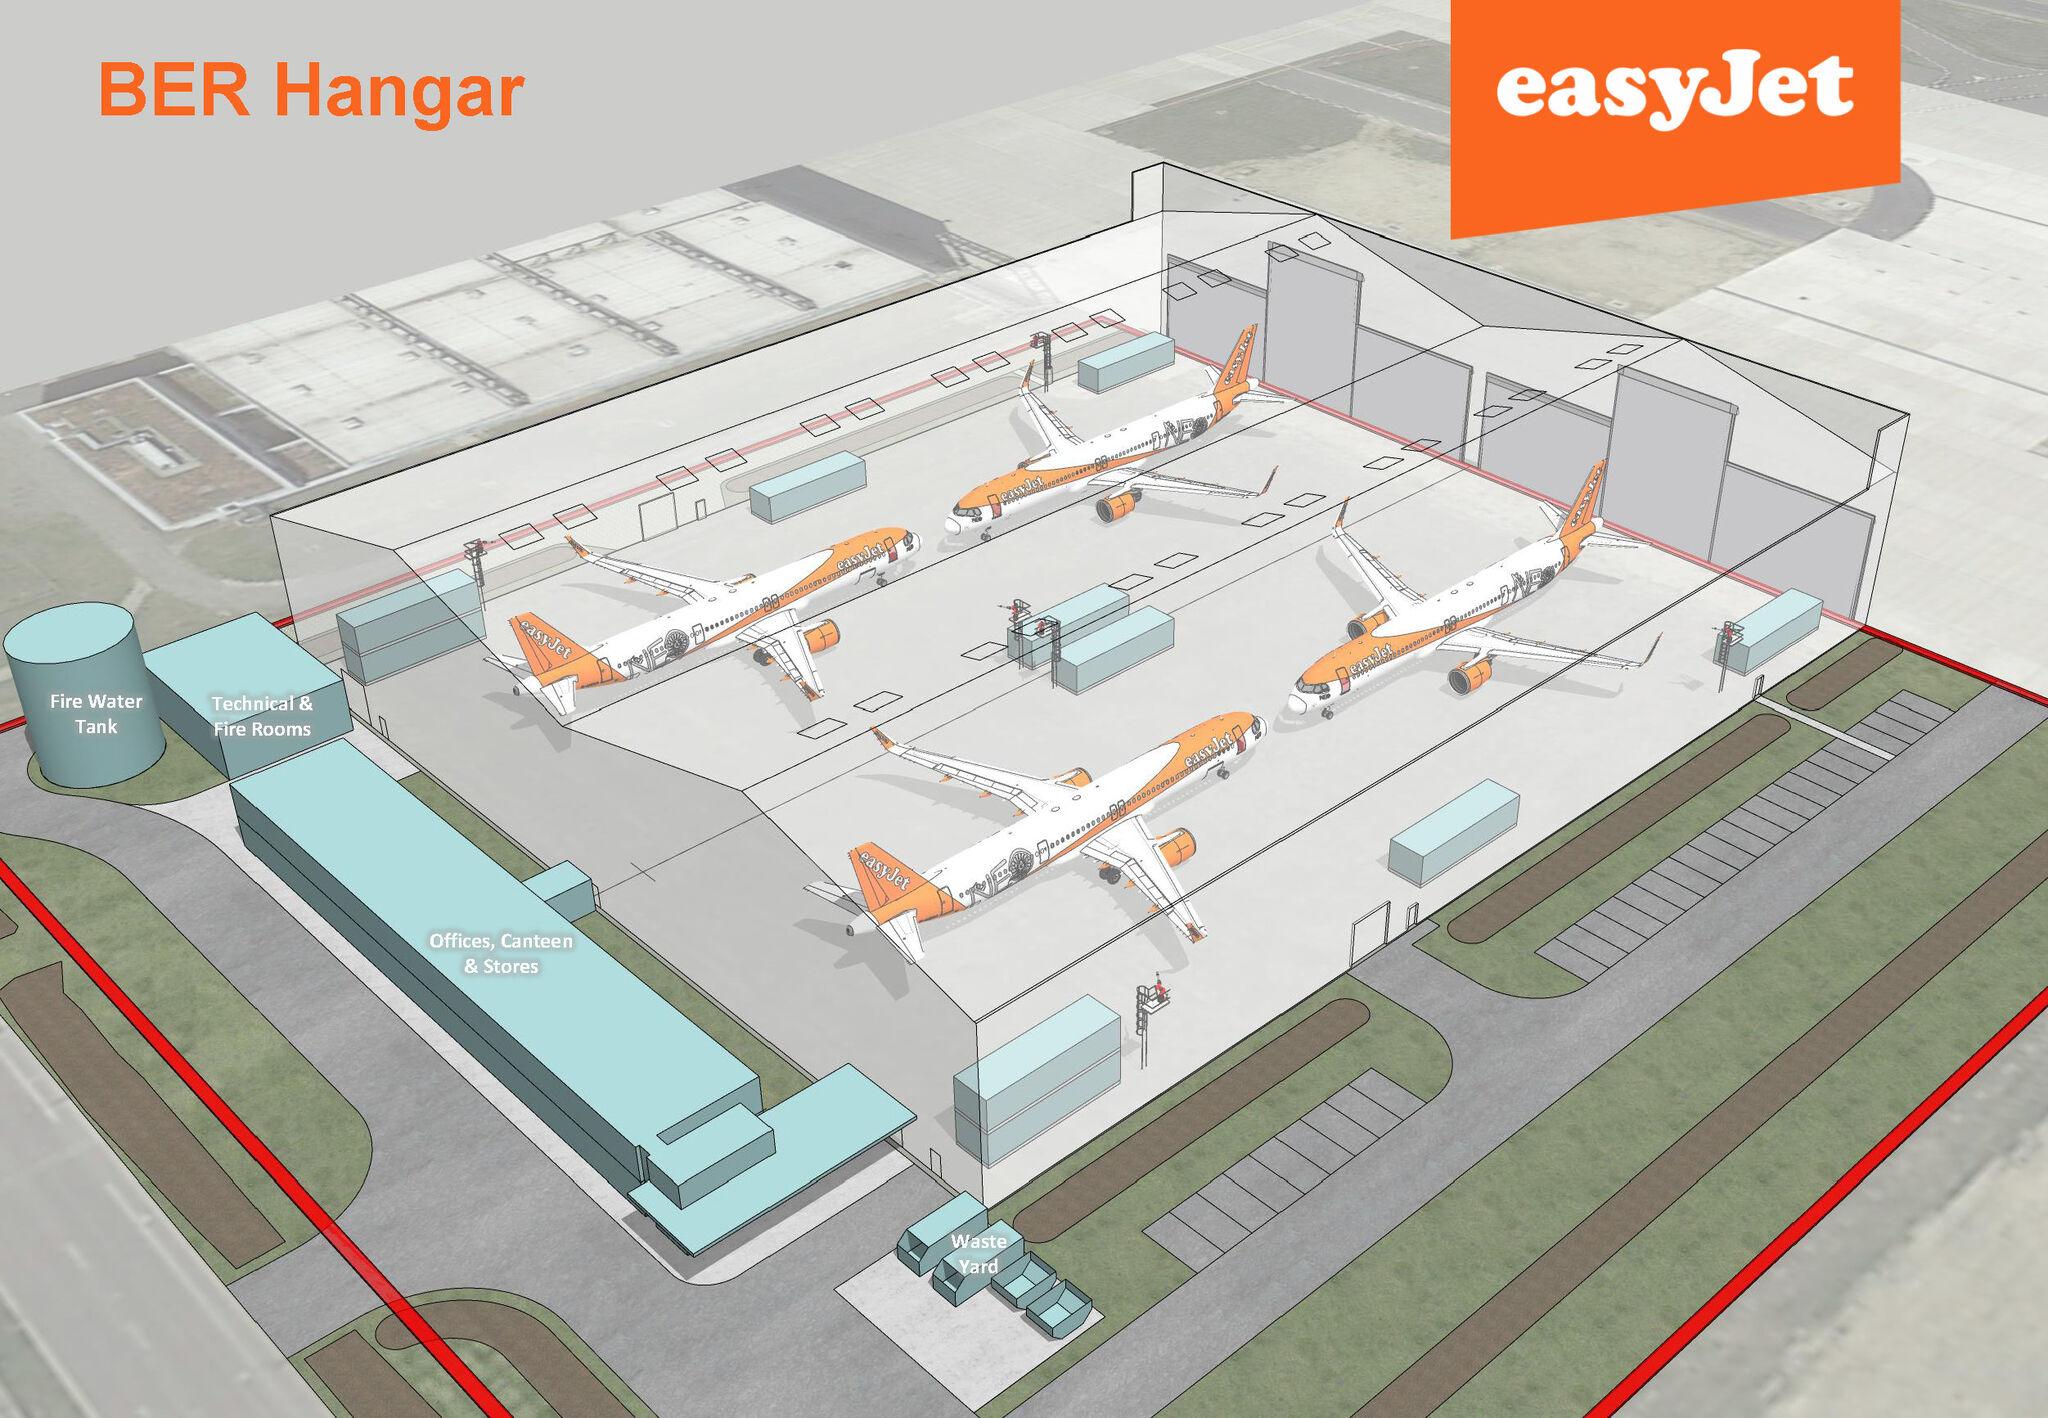 easyJet, Berlin Brandenburg, Berlin Airport